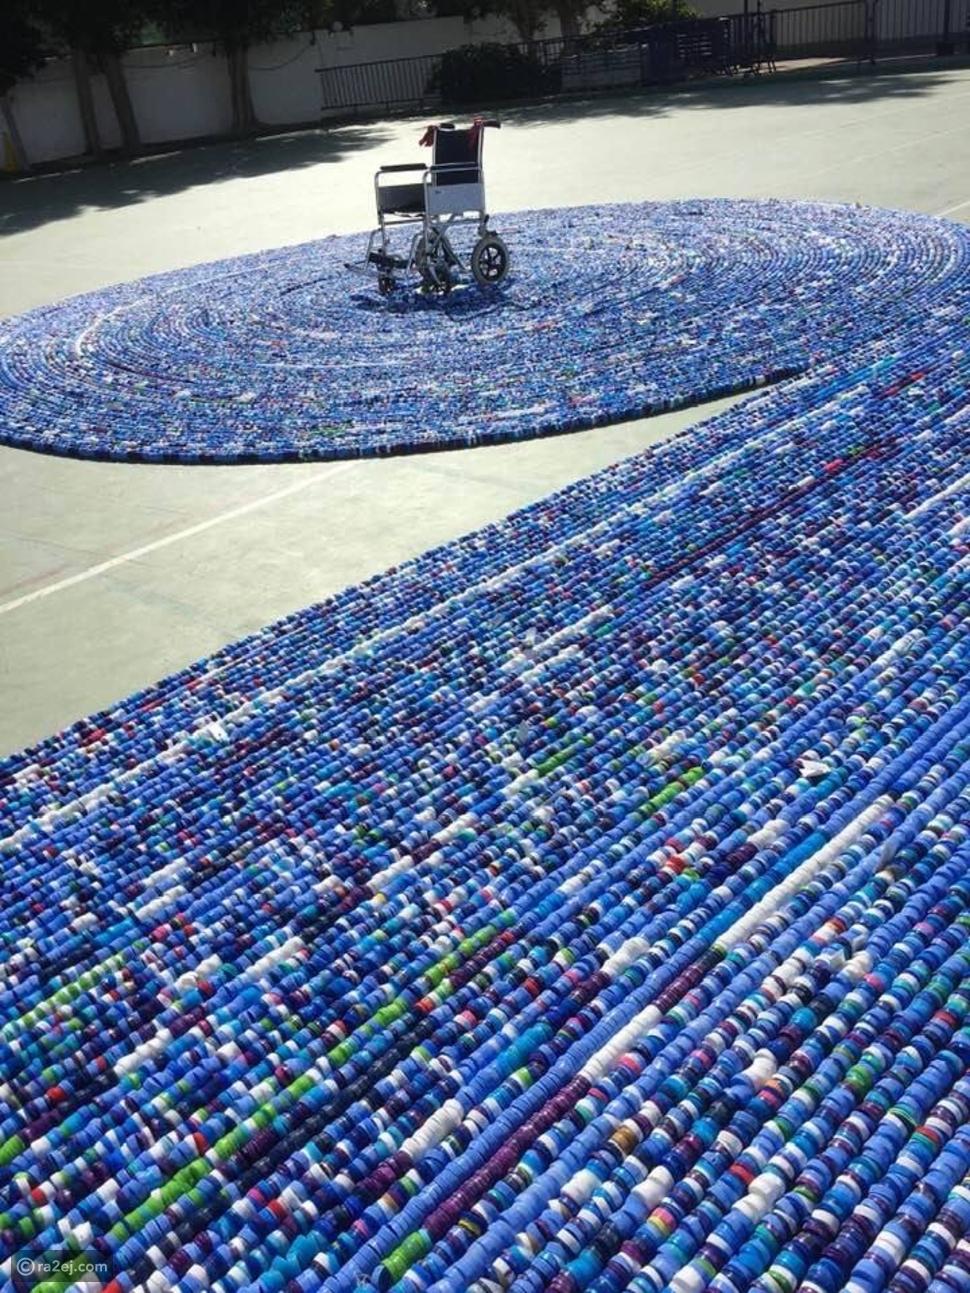 صور: مدرسة سعودية تدخل غينيس للأرقام القياسية بـ323 ألف غطاء بلاستيكي